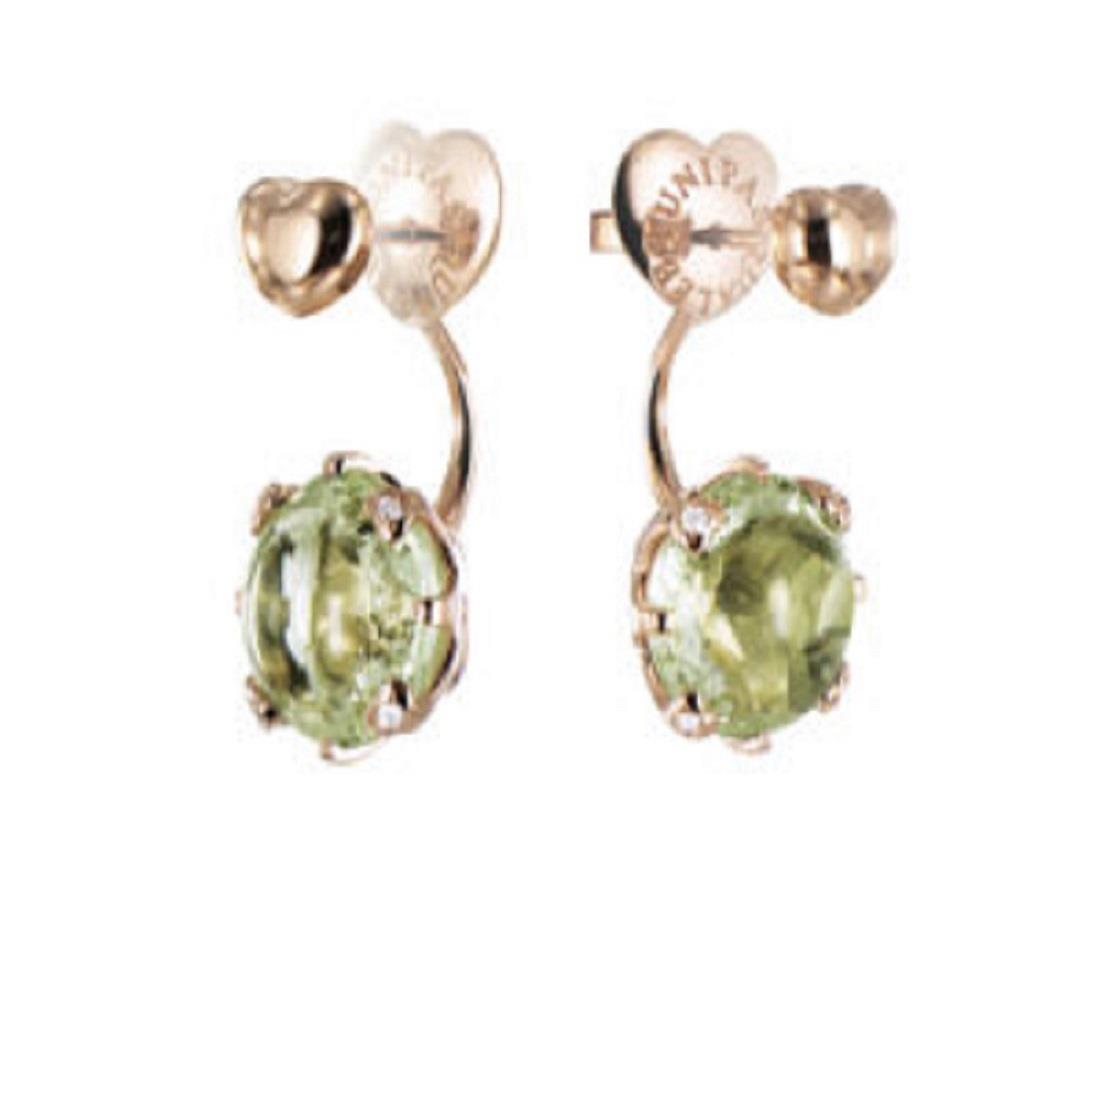 Orecchini design con diamanti e prasolite - PASQUALE BRUNI